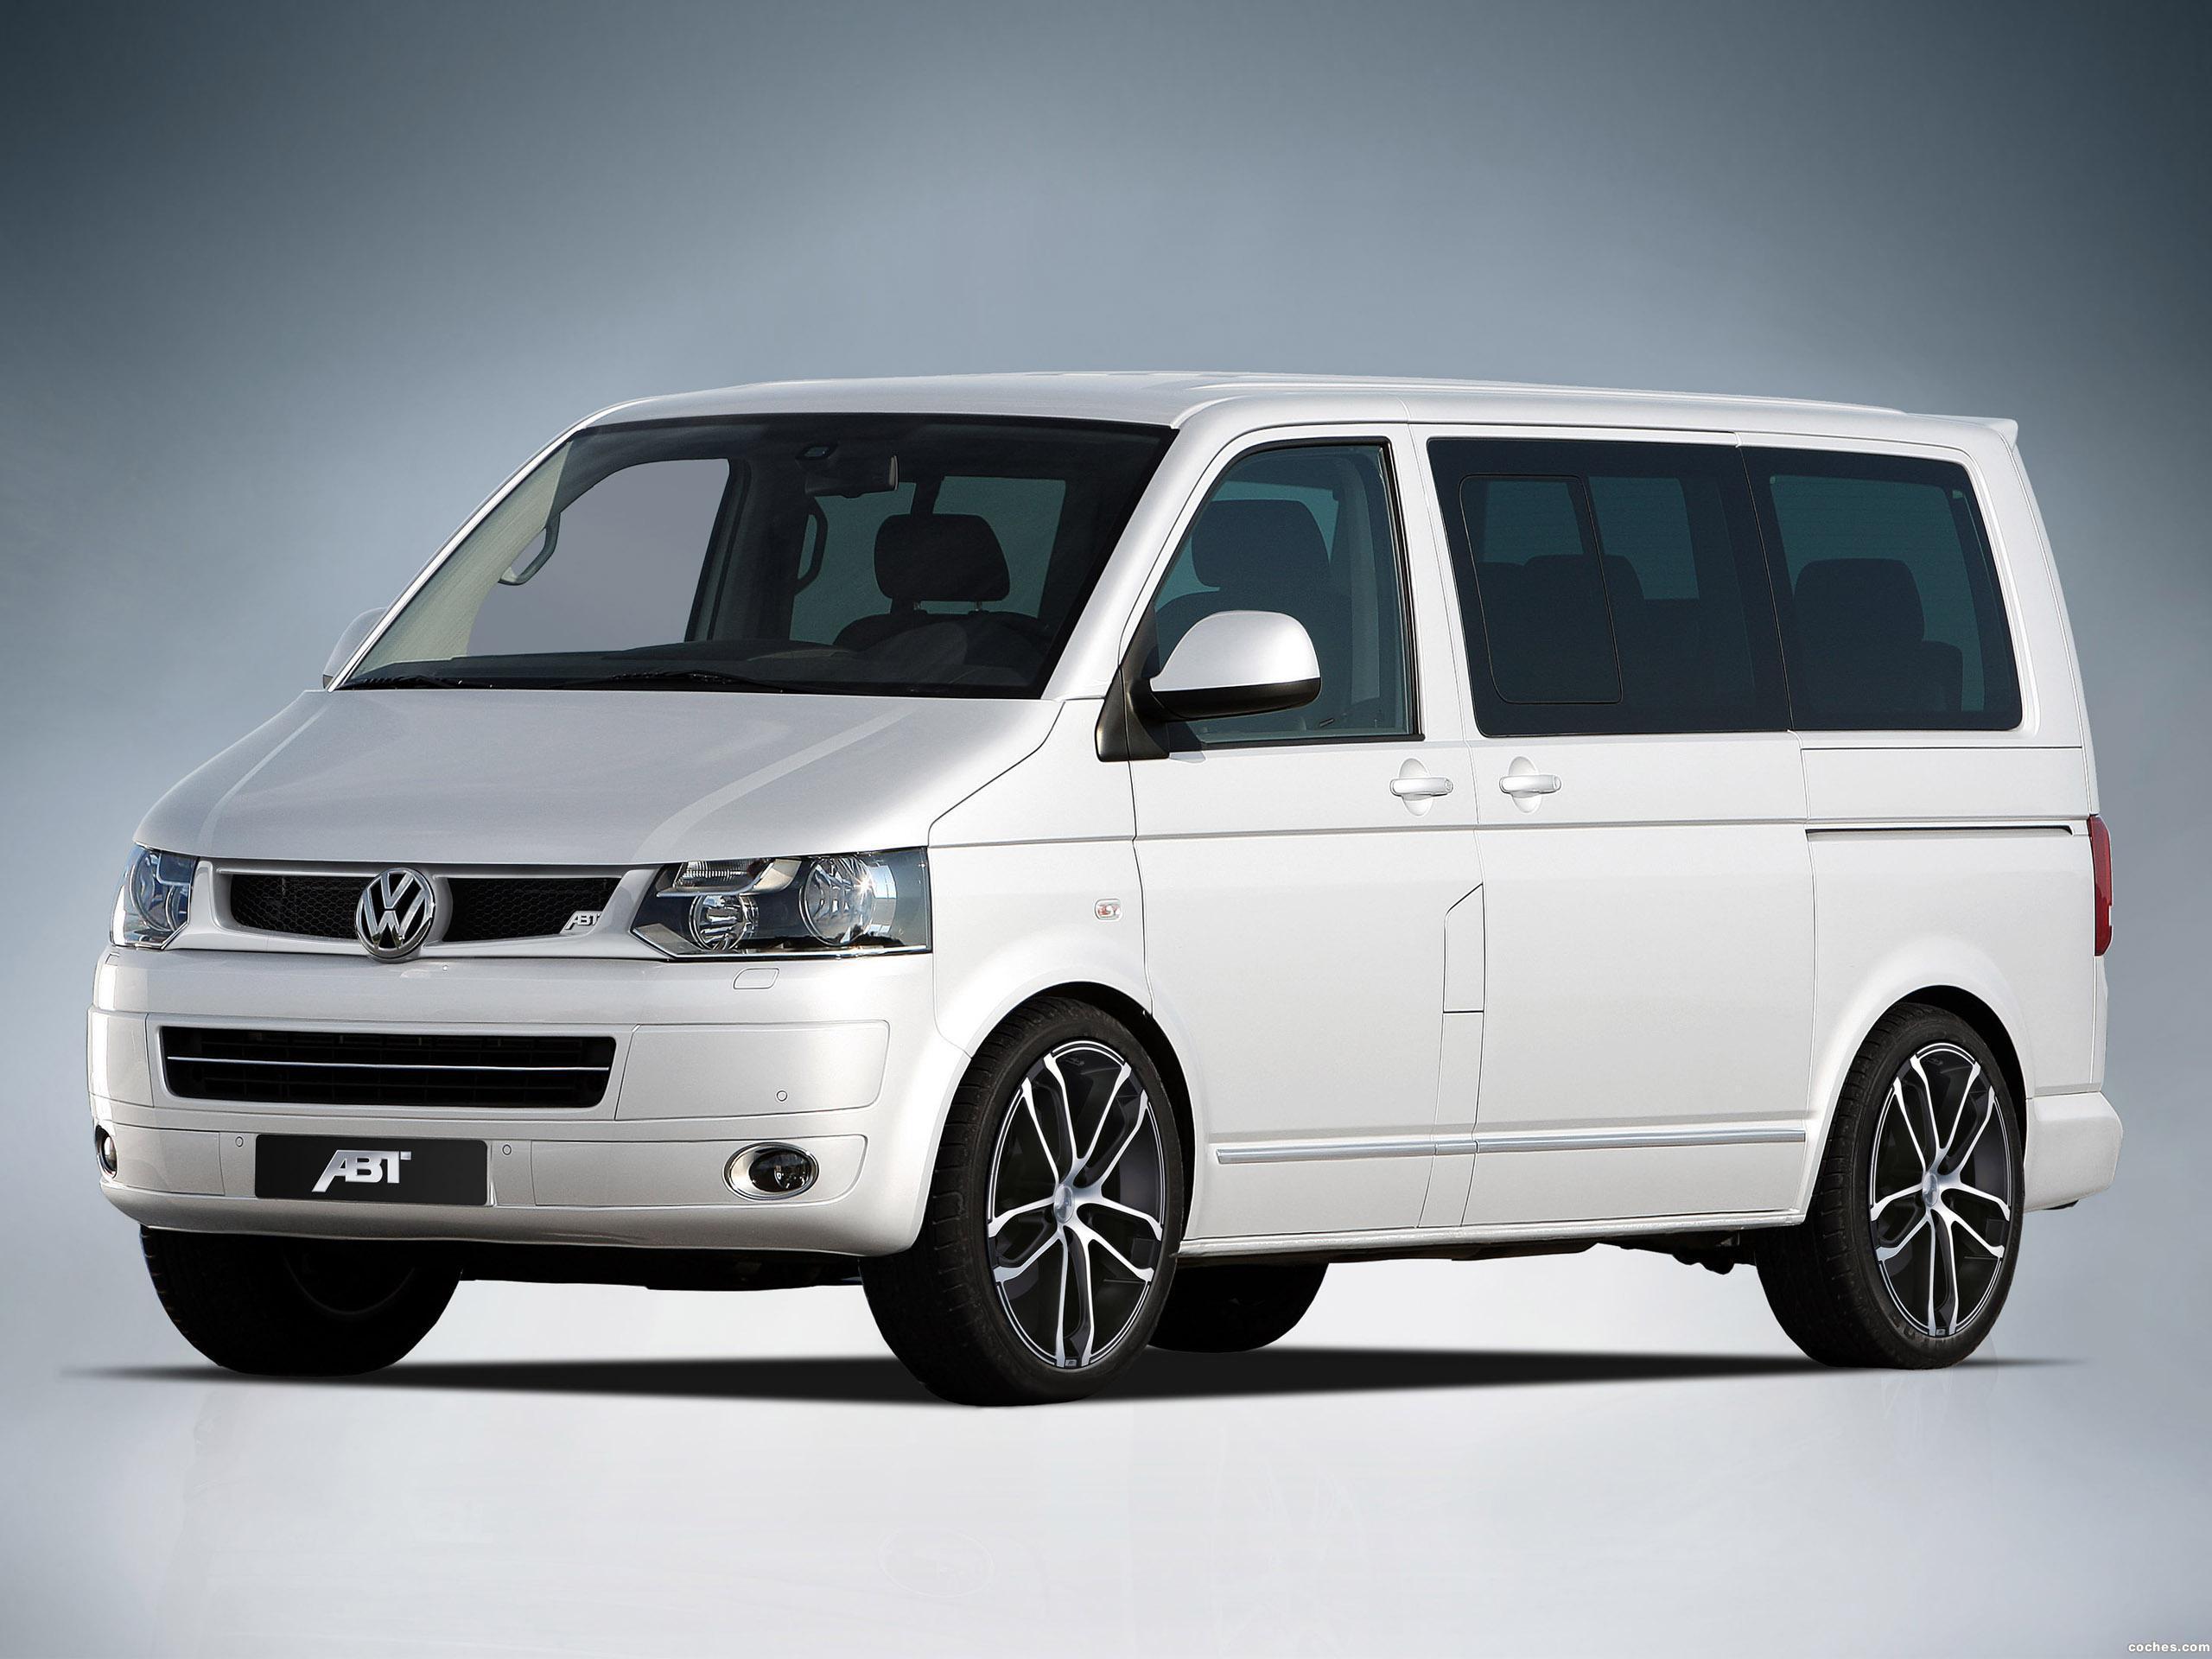 Foto 0 de Volkswagen ABT T5 Multivan 2014